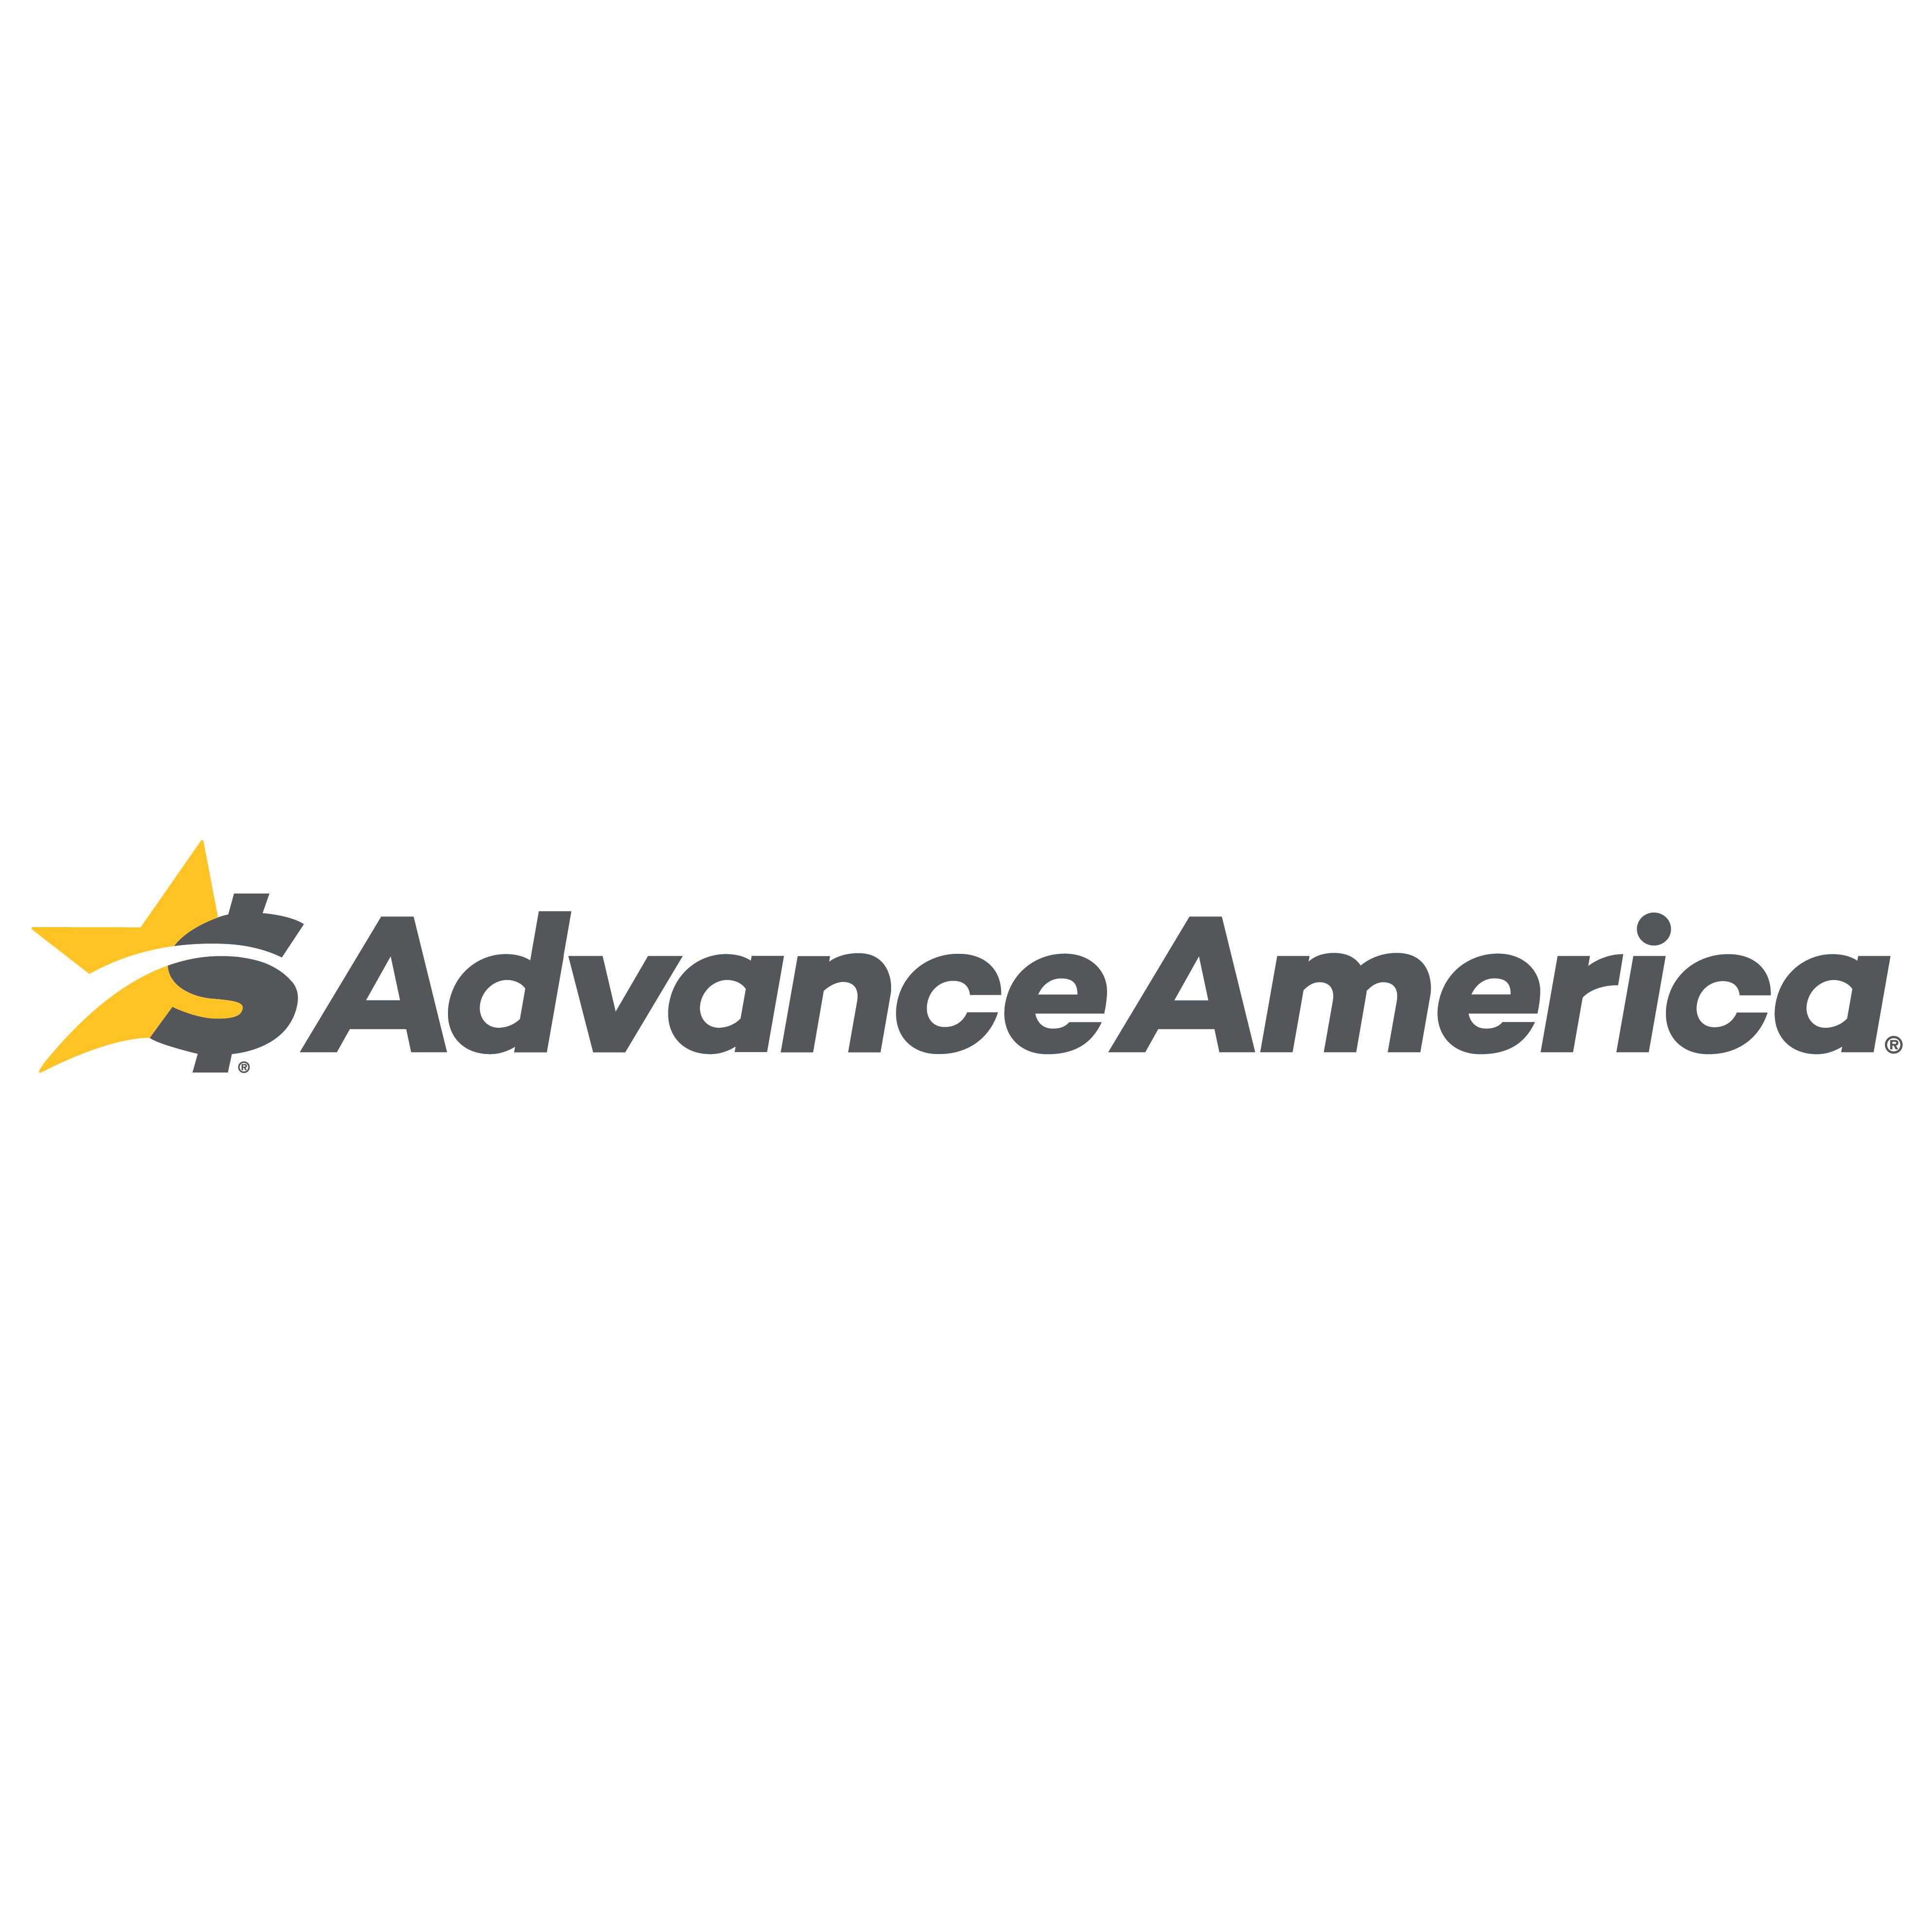 Advance America in Laredo TX 502 West Calton Rd Ste 204 Laredo